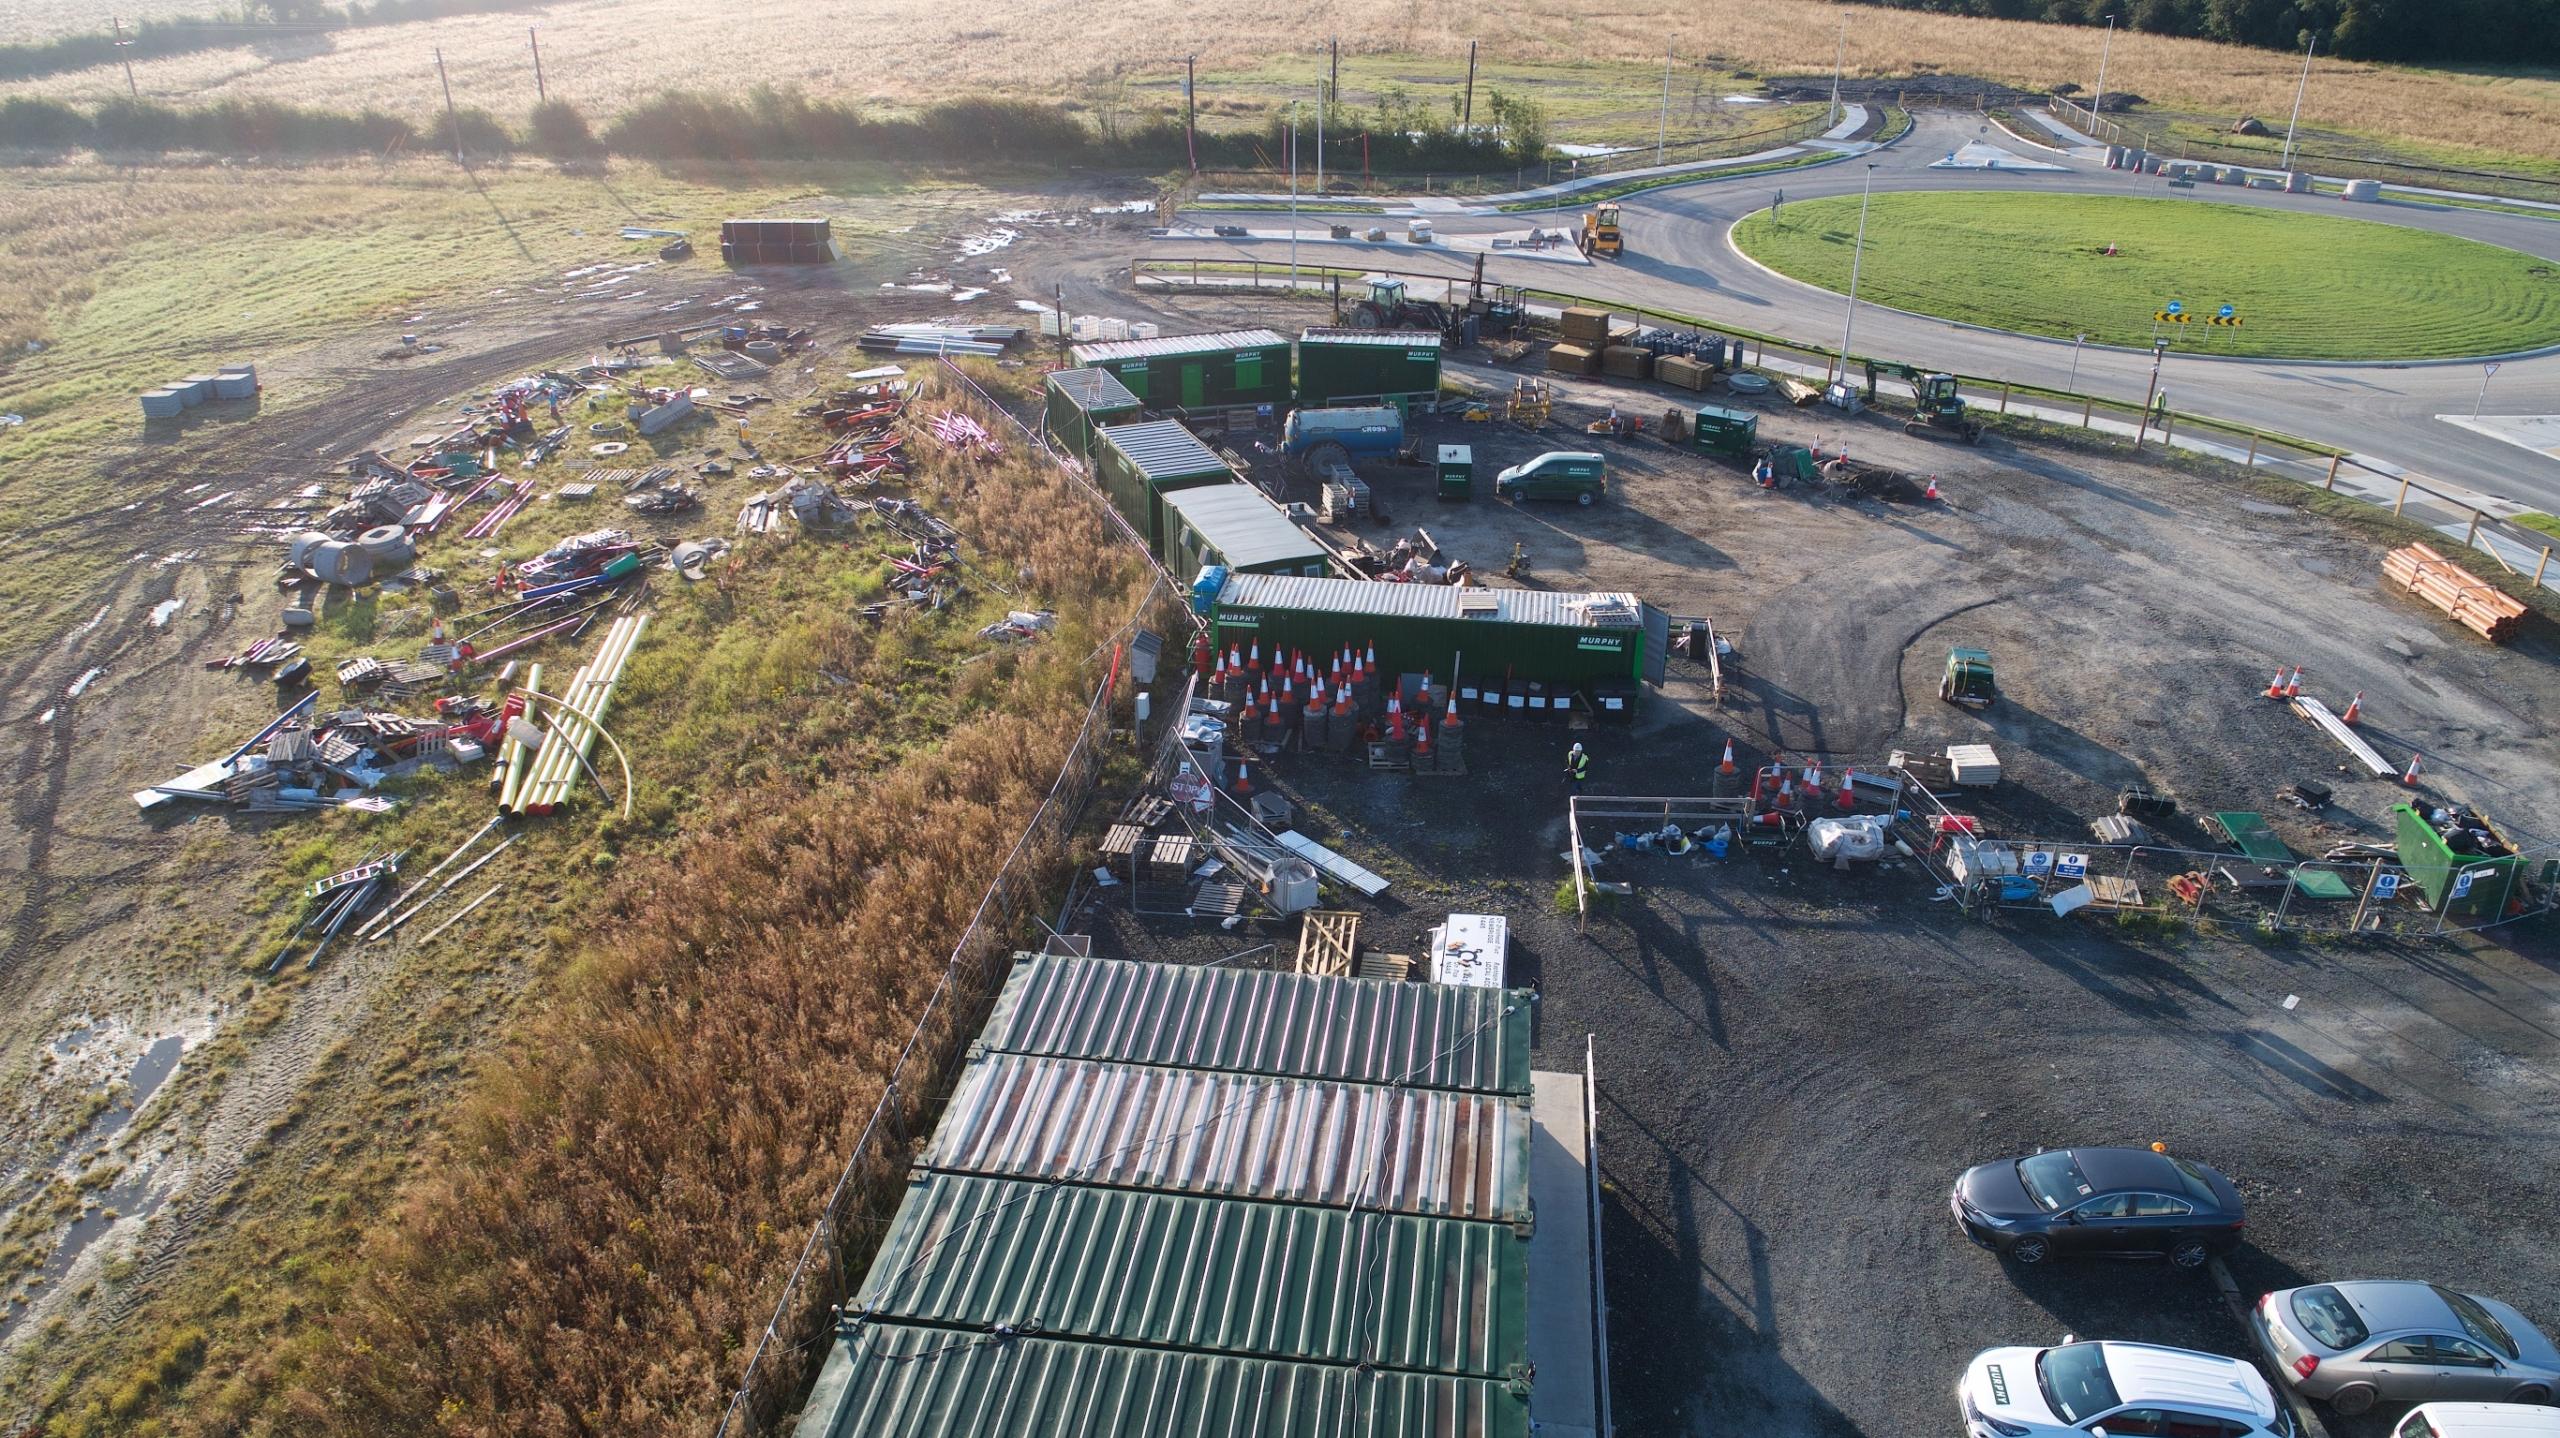 Drone Surveying Ireland